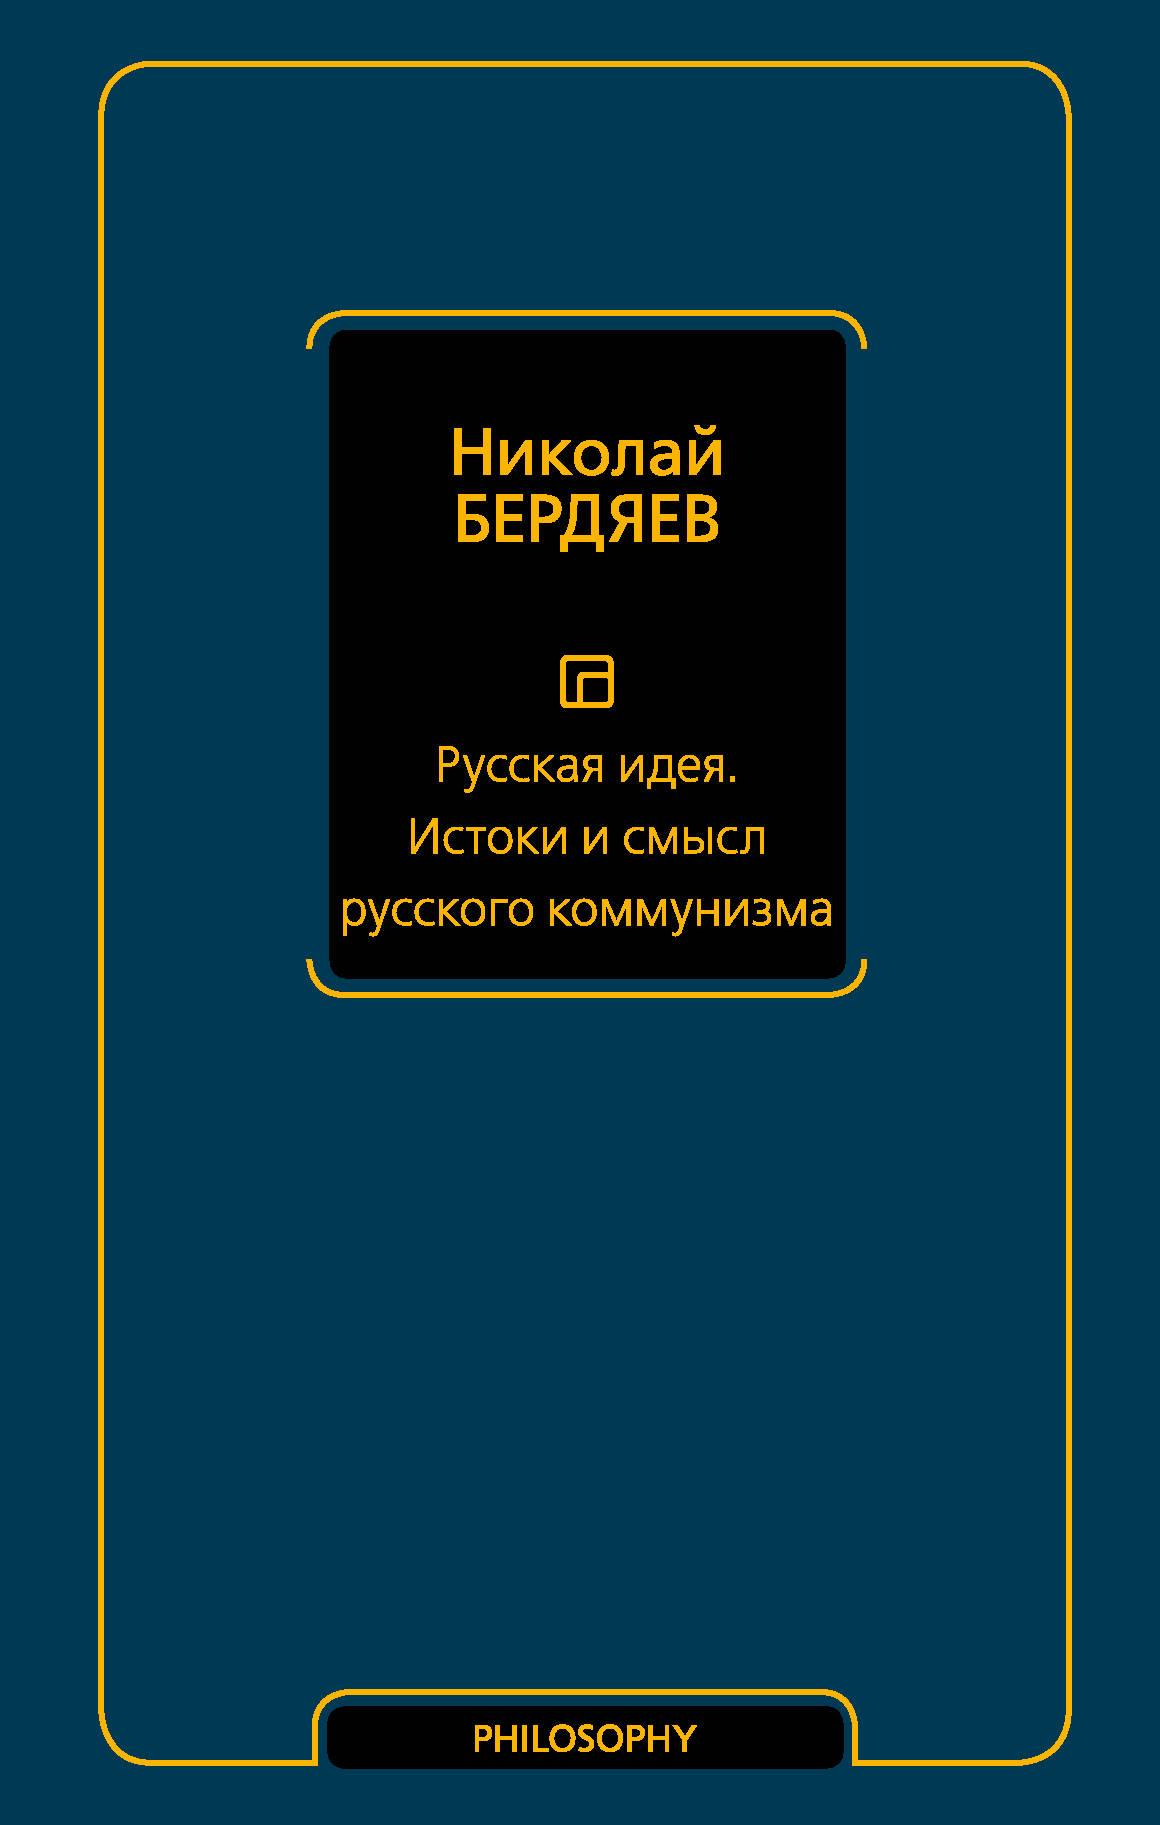 Русская идея. Истоки и смысл русского коммунизма